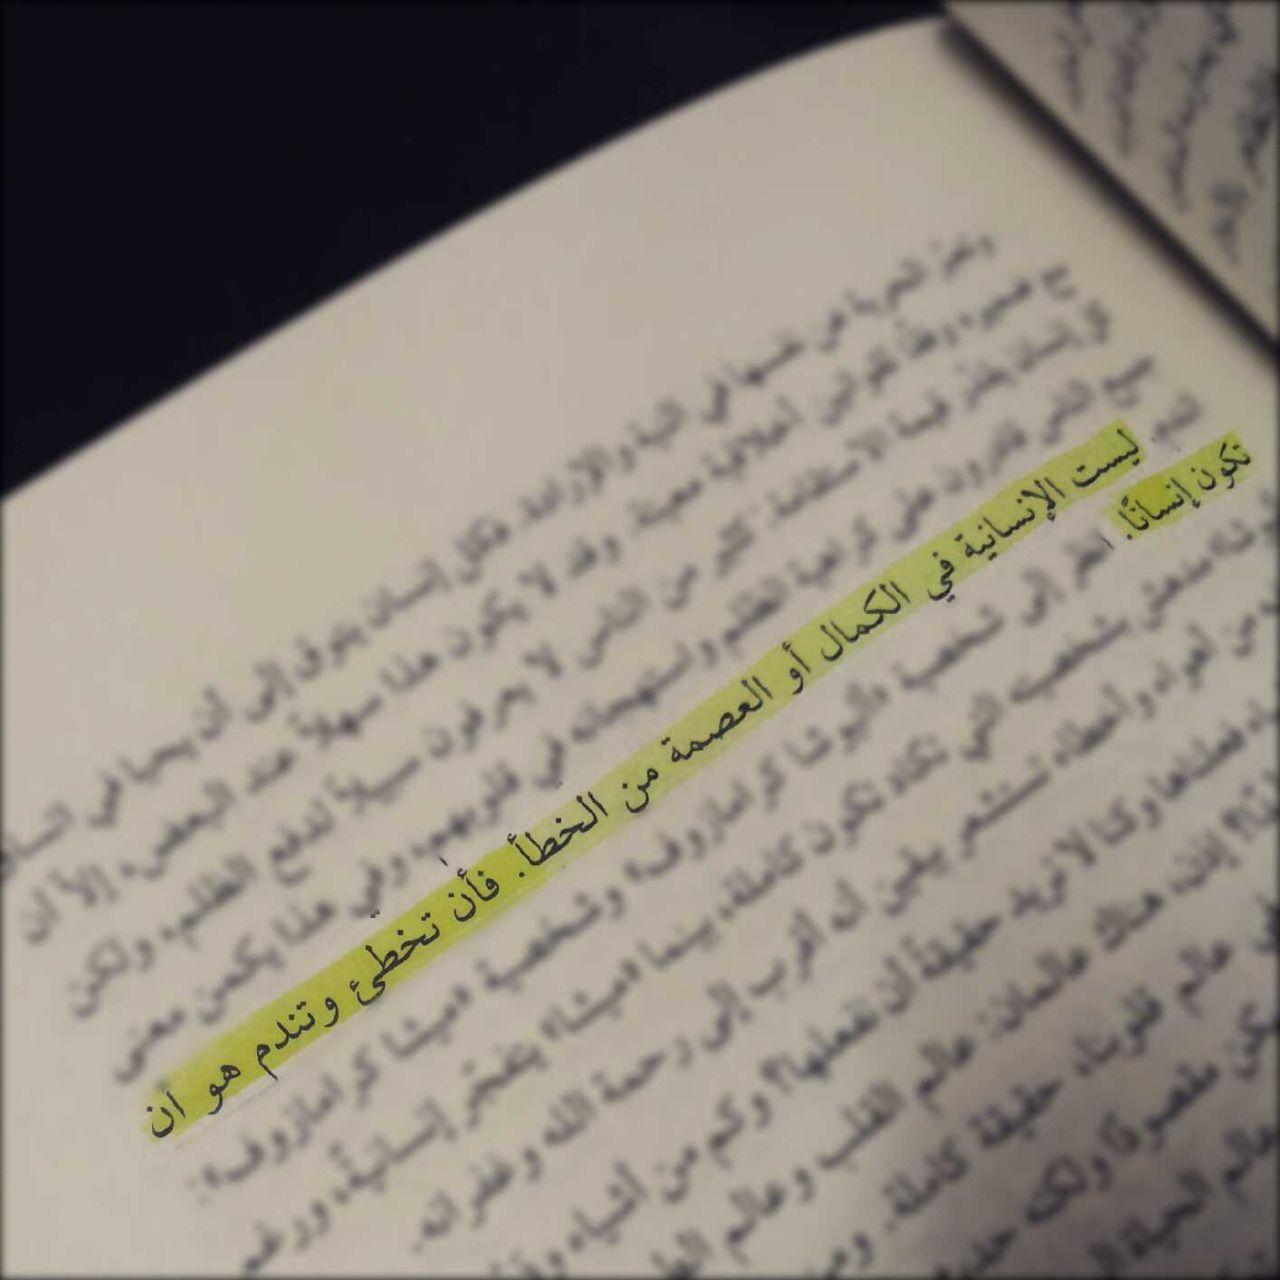 بالصور الاسلام بين الشرق والغرب , اروع عبارات من كتاب الاسلام بين الشرق والغرب 4210 10